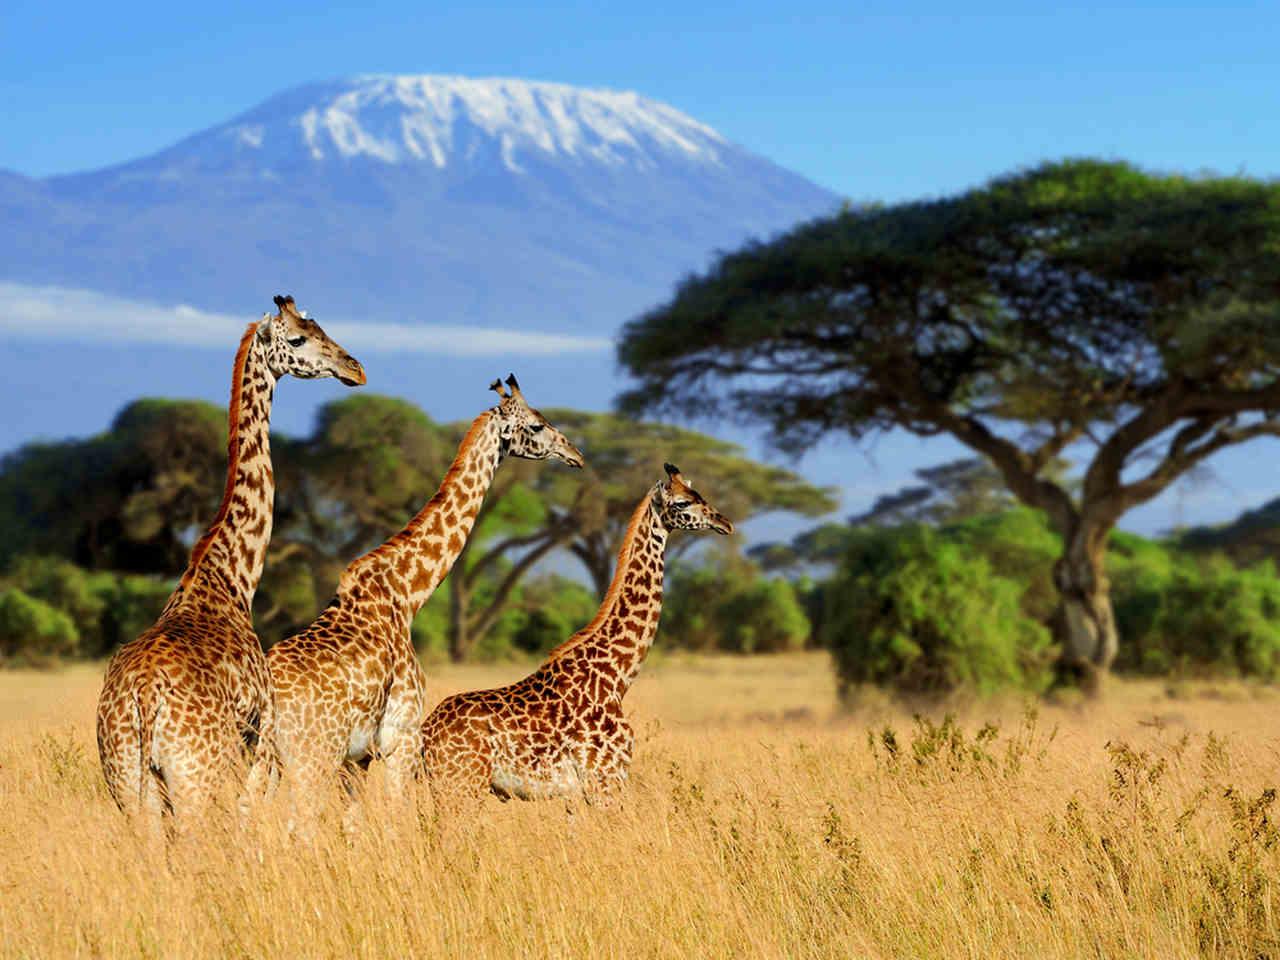 lugares-para-relaxar-e-se-conectar-com-a-natureza-tanzania